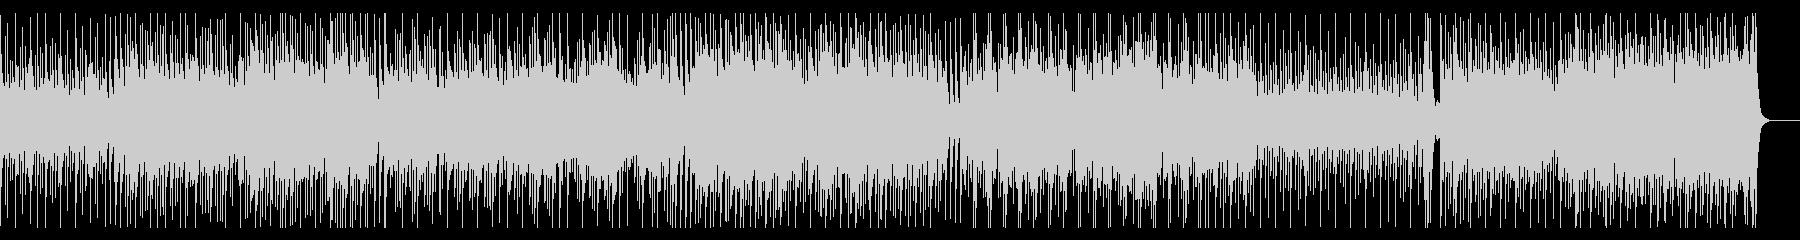 世界遺産ドキュメンタリーケルト調の曲の未再生の波形